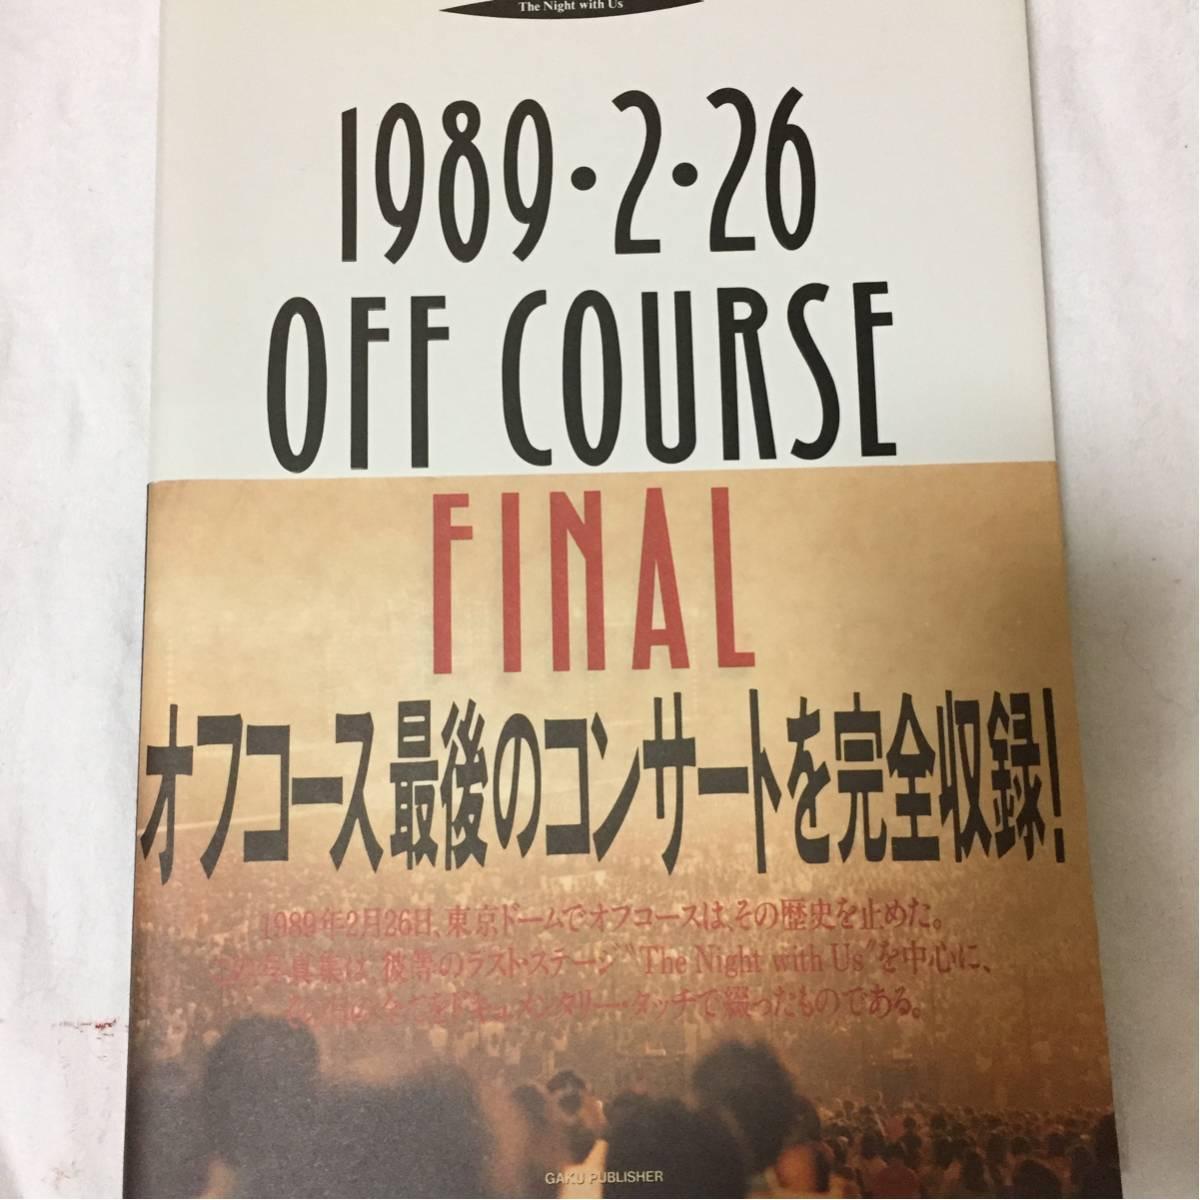 オフコース 解散コンサート 写真集 1989 小田和正